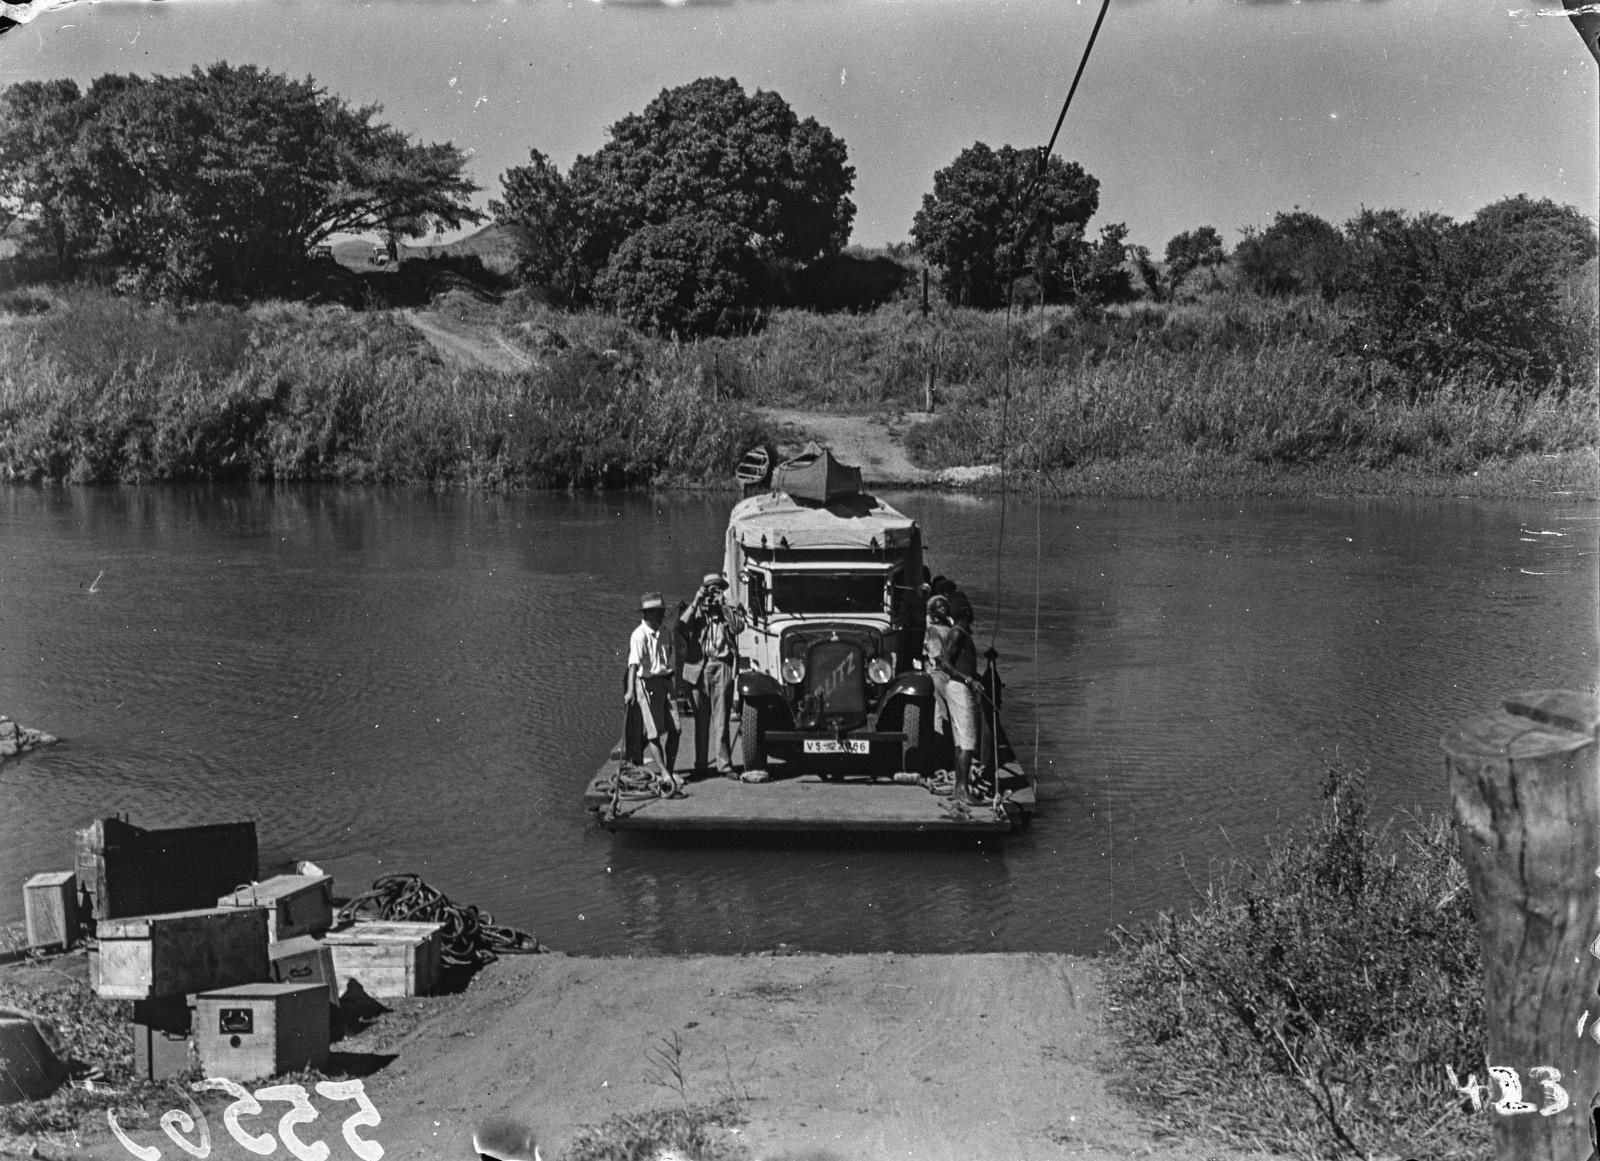 Малалане. Реакционный паром, используемый для перевозки через реку.  Перевозка грузовика